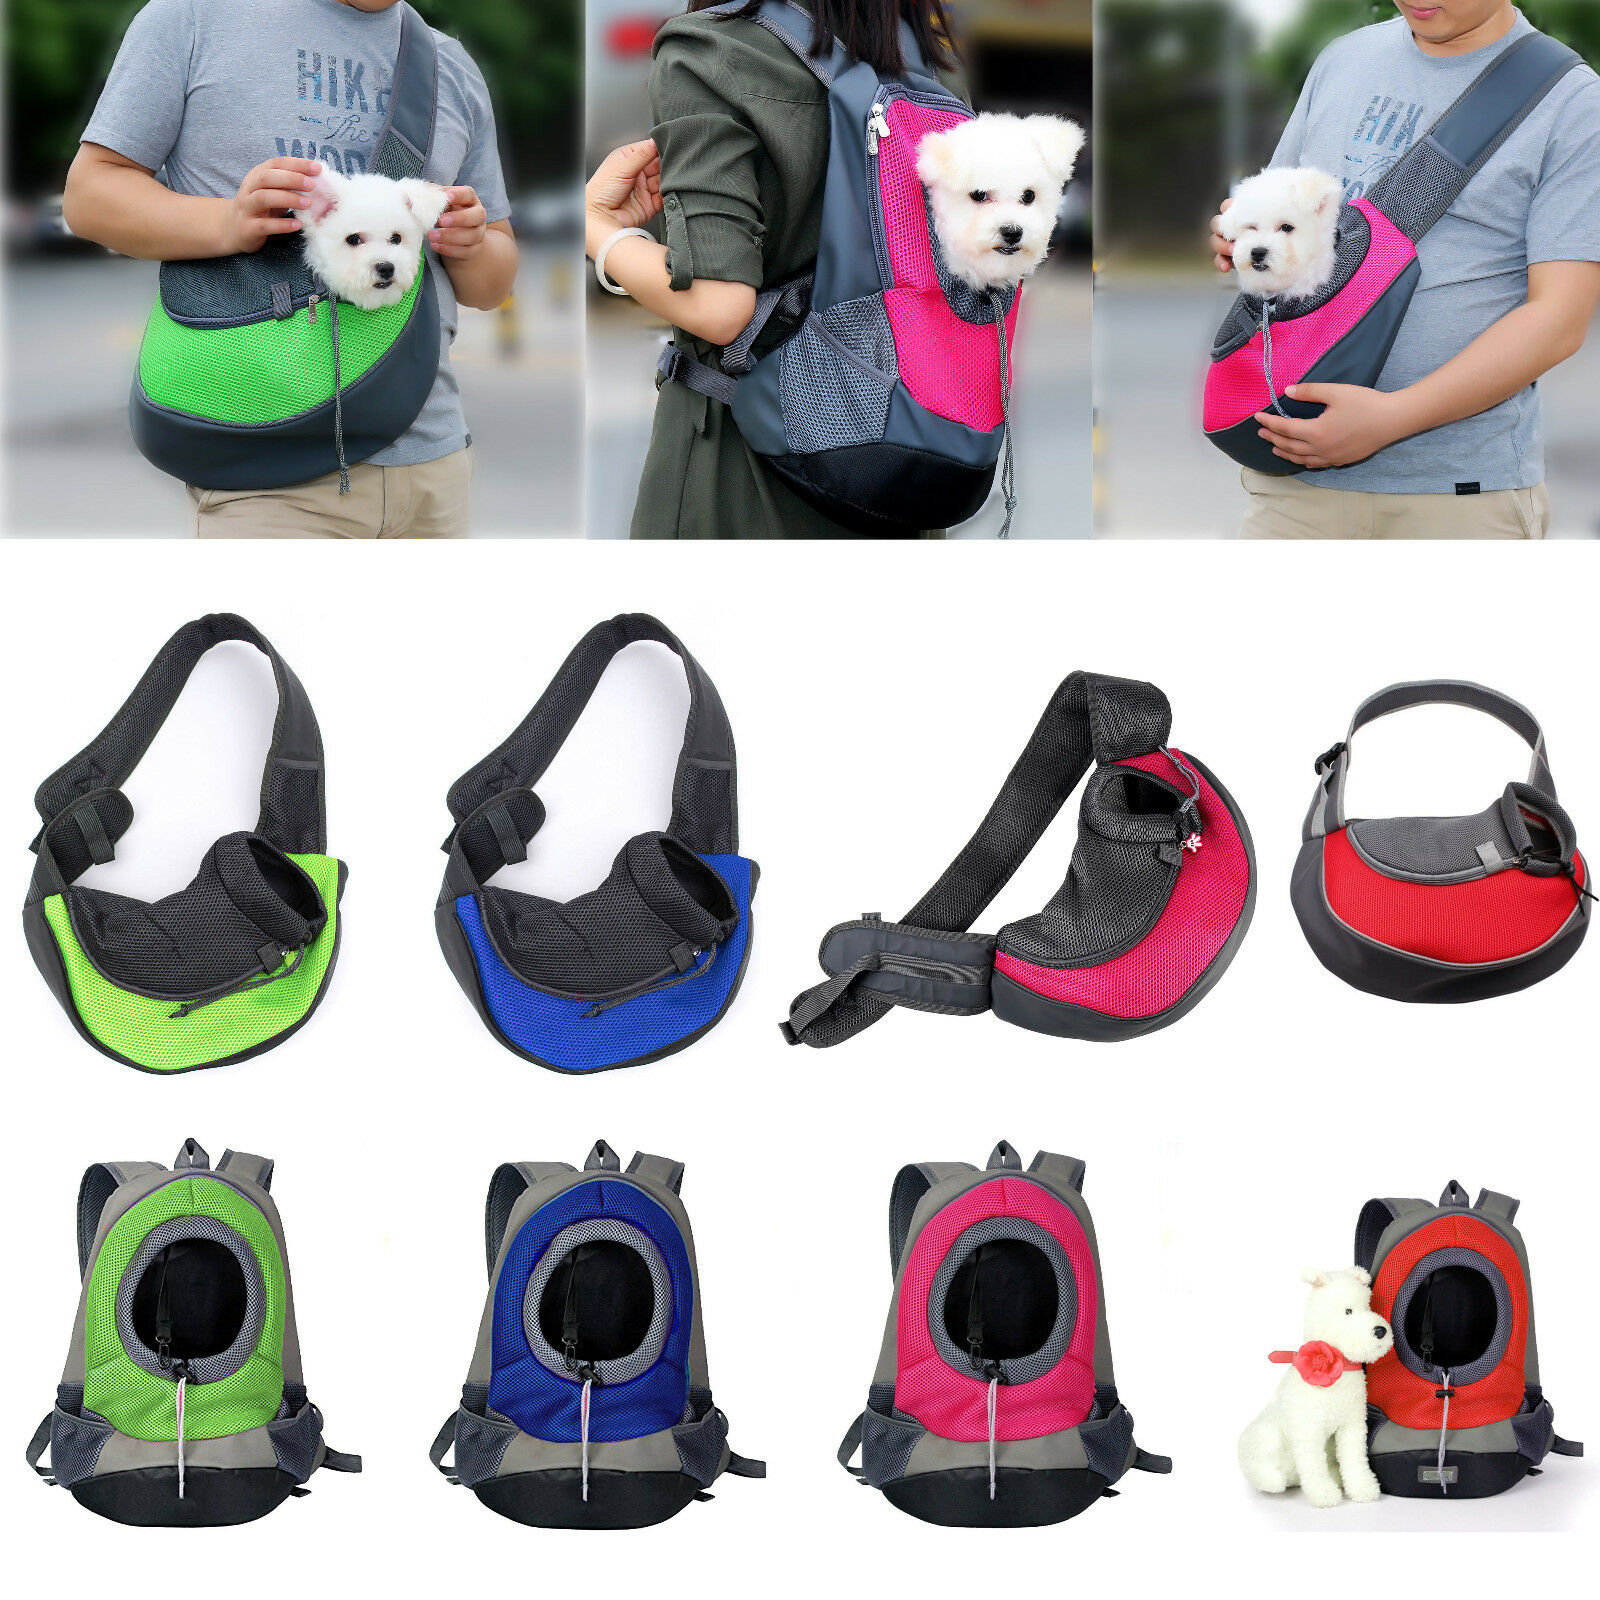 Рюкзак-переноска для собак: кенгуру для мелких пород